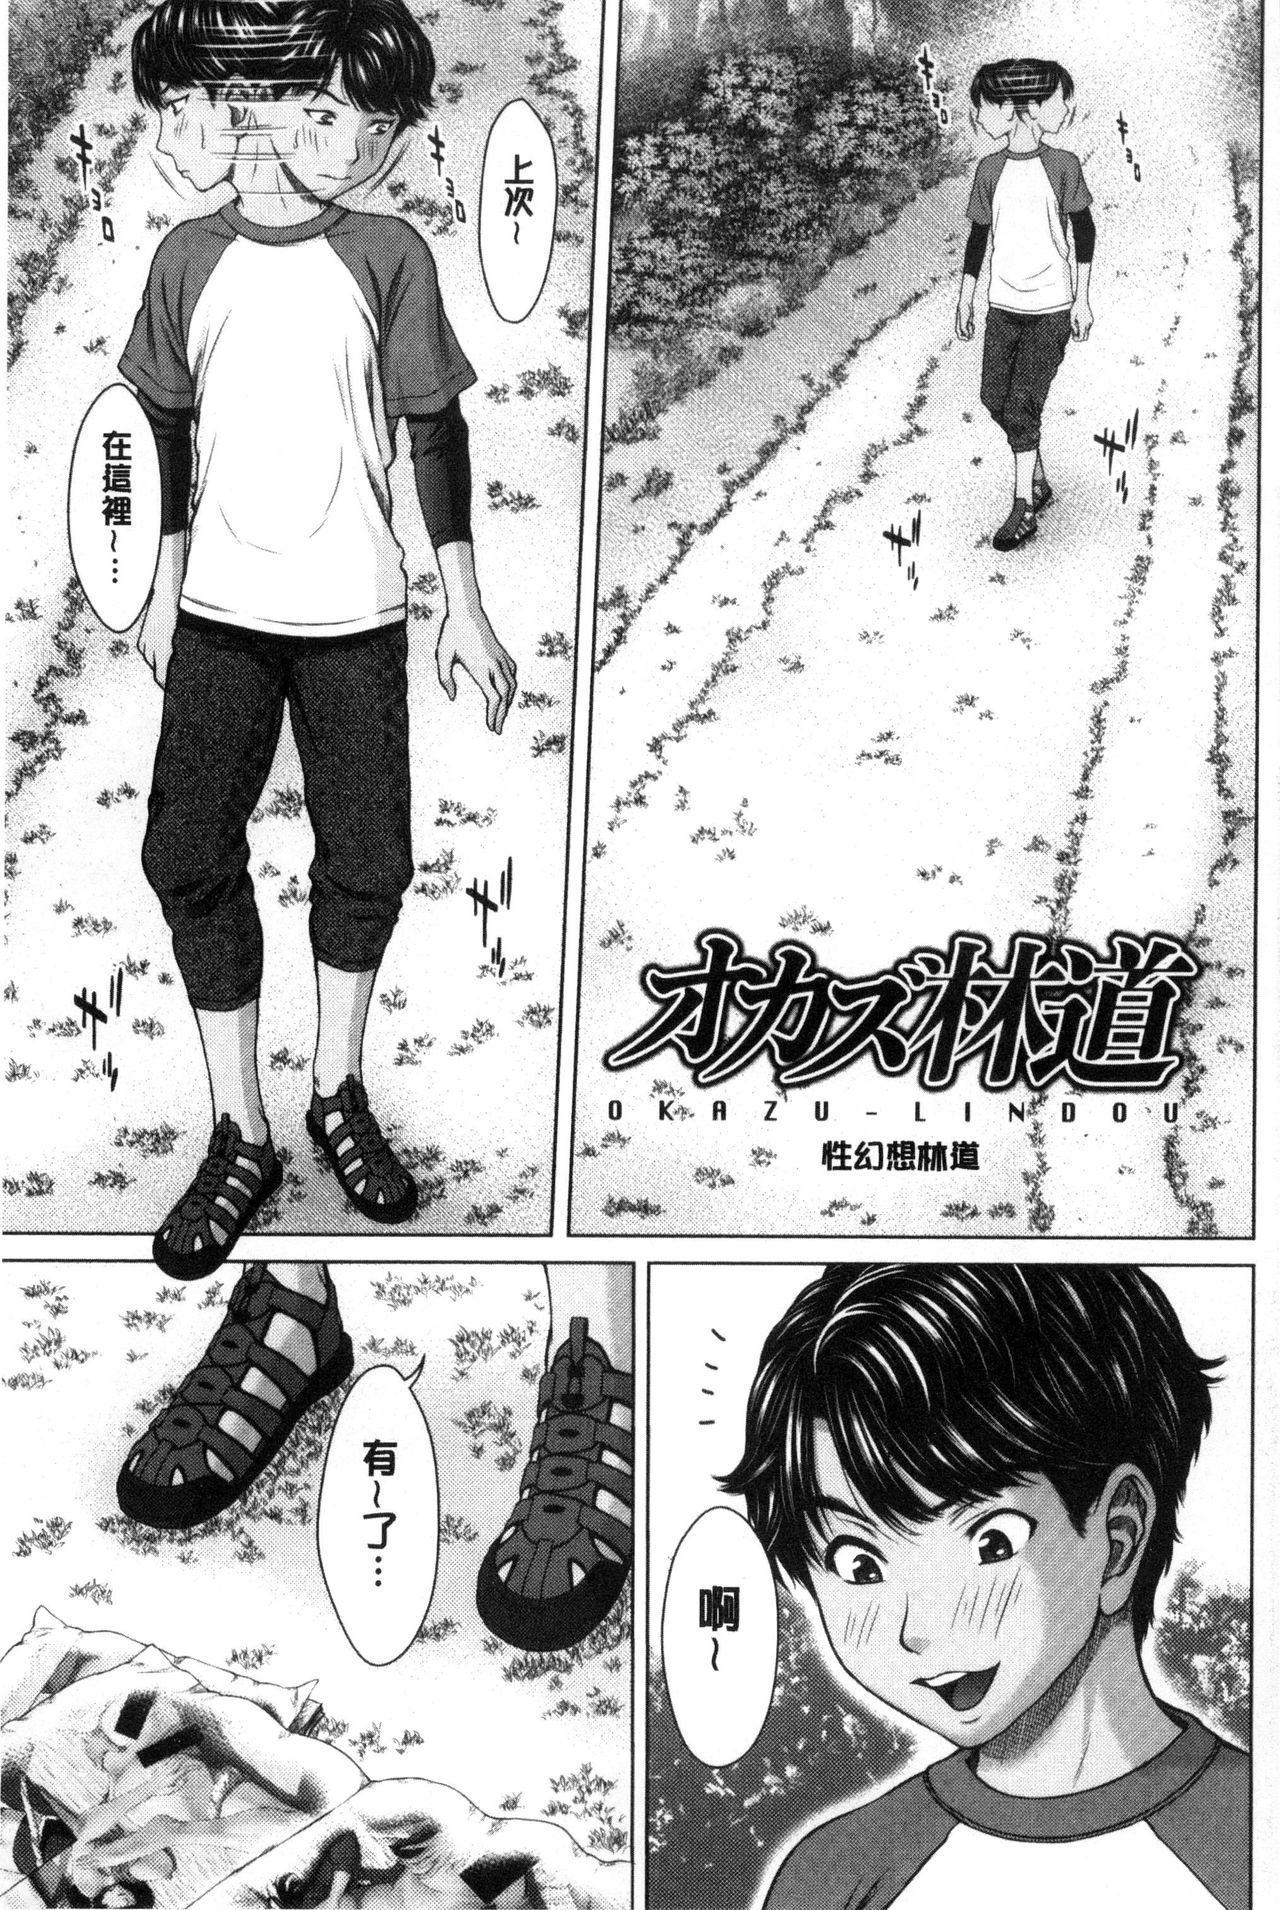 Mesukano Inbina Mesu Kanojotachi To No Hibi 51